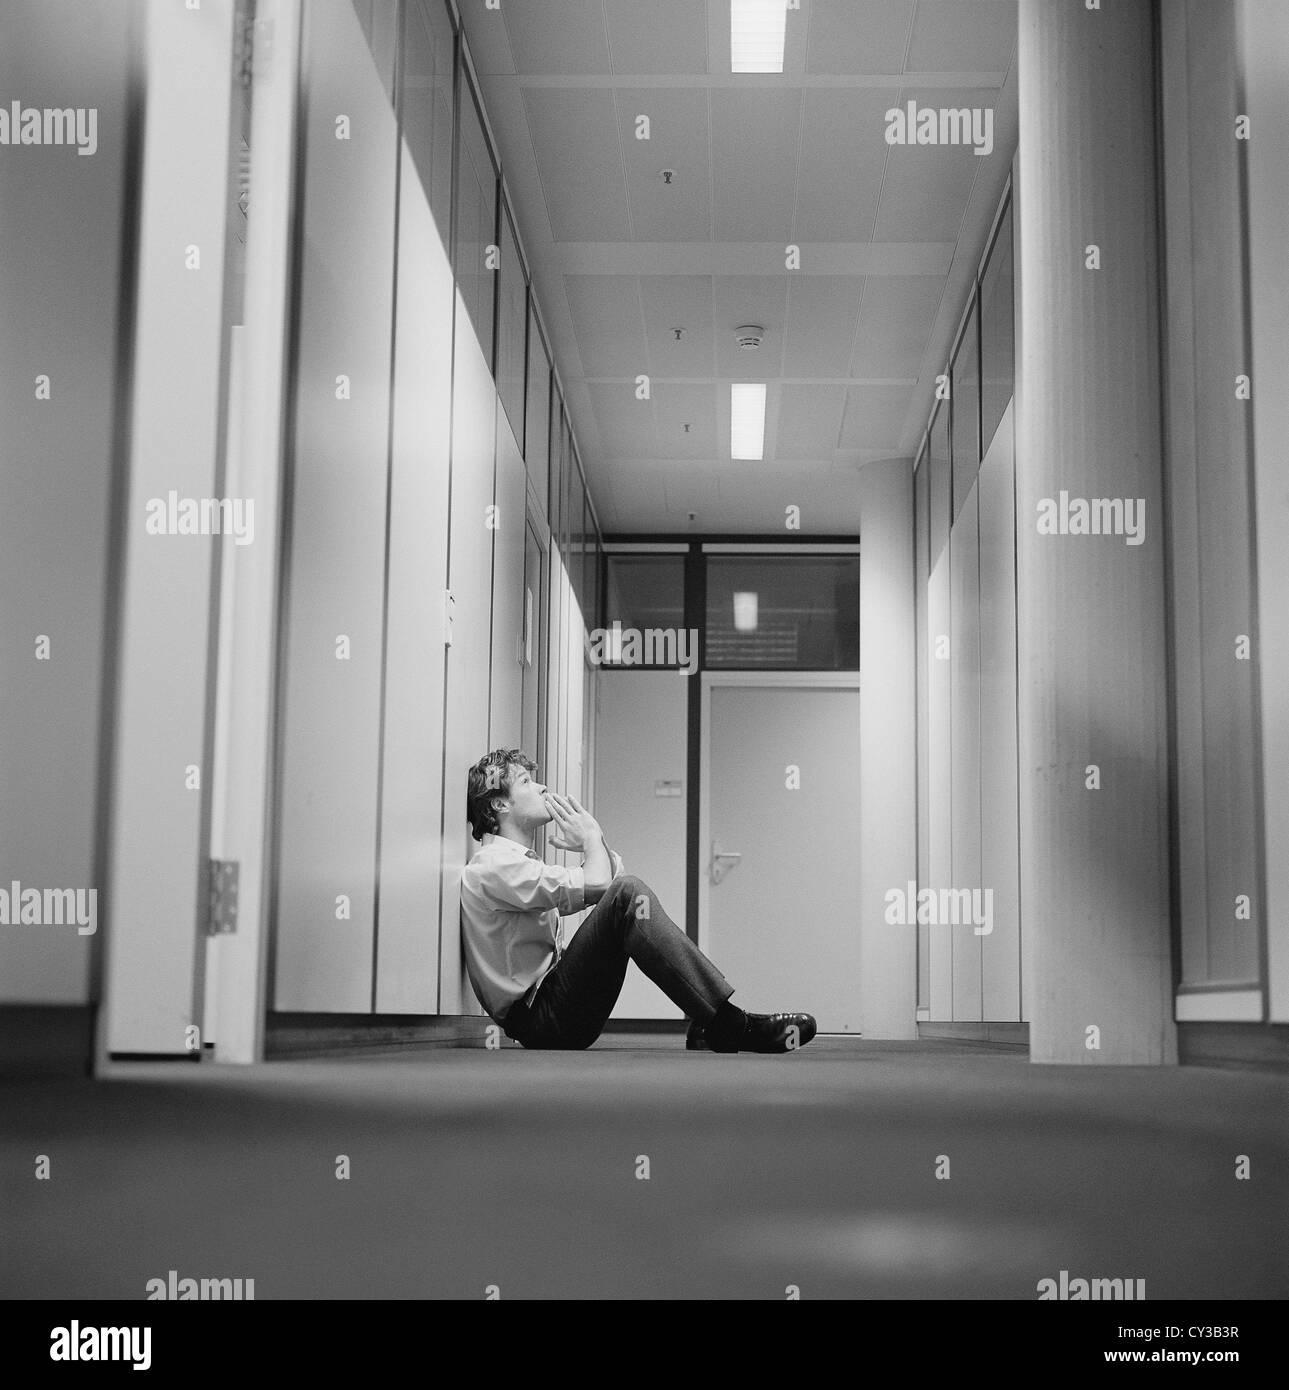 Noir et blanc la frustration d'affaires stressed businessman Licence gratuite sauf annonces et panneaux publicitaires Photo Stock